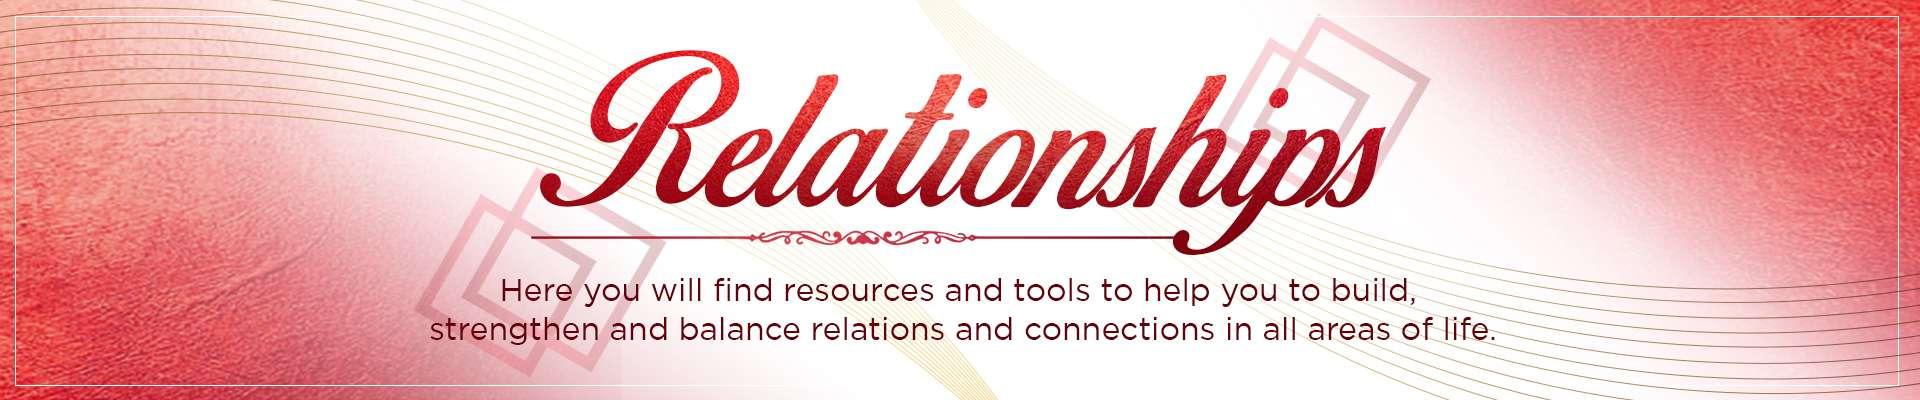 Relationships Banner